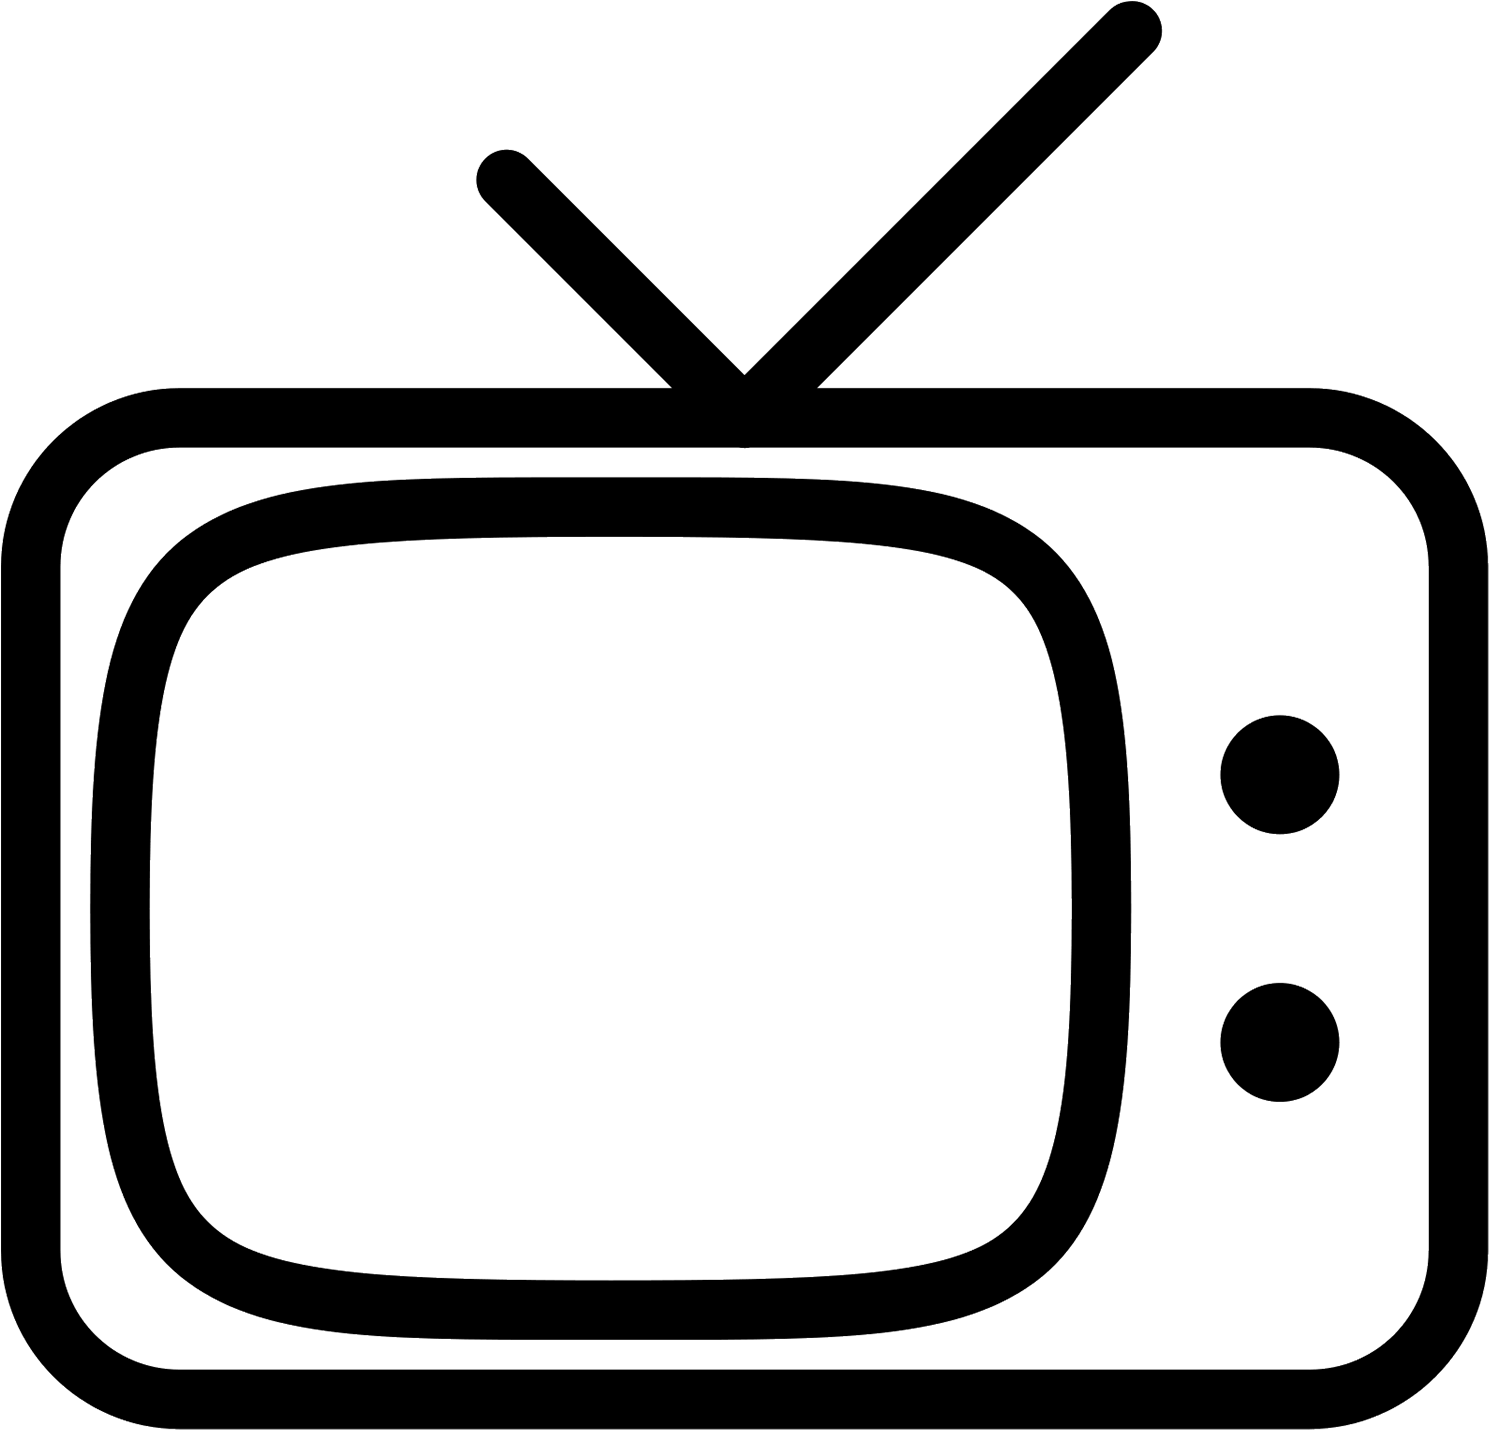 Retro Tv Icon.